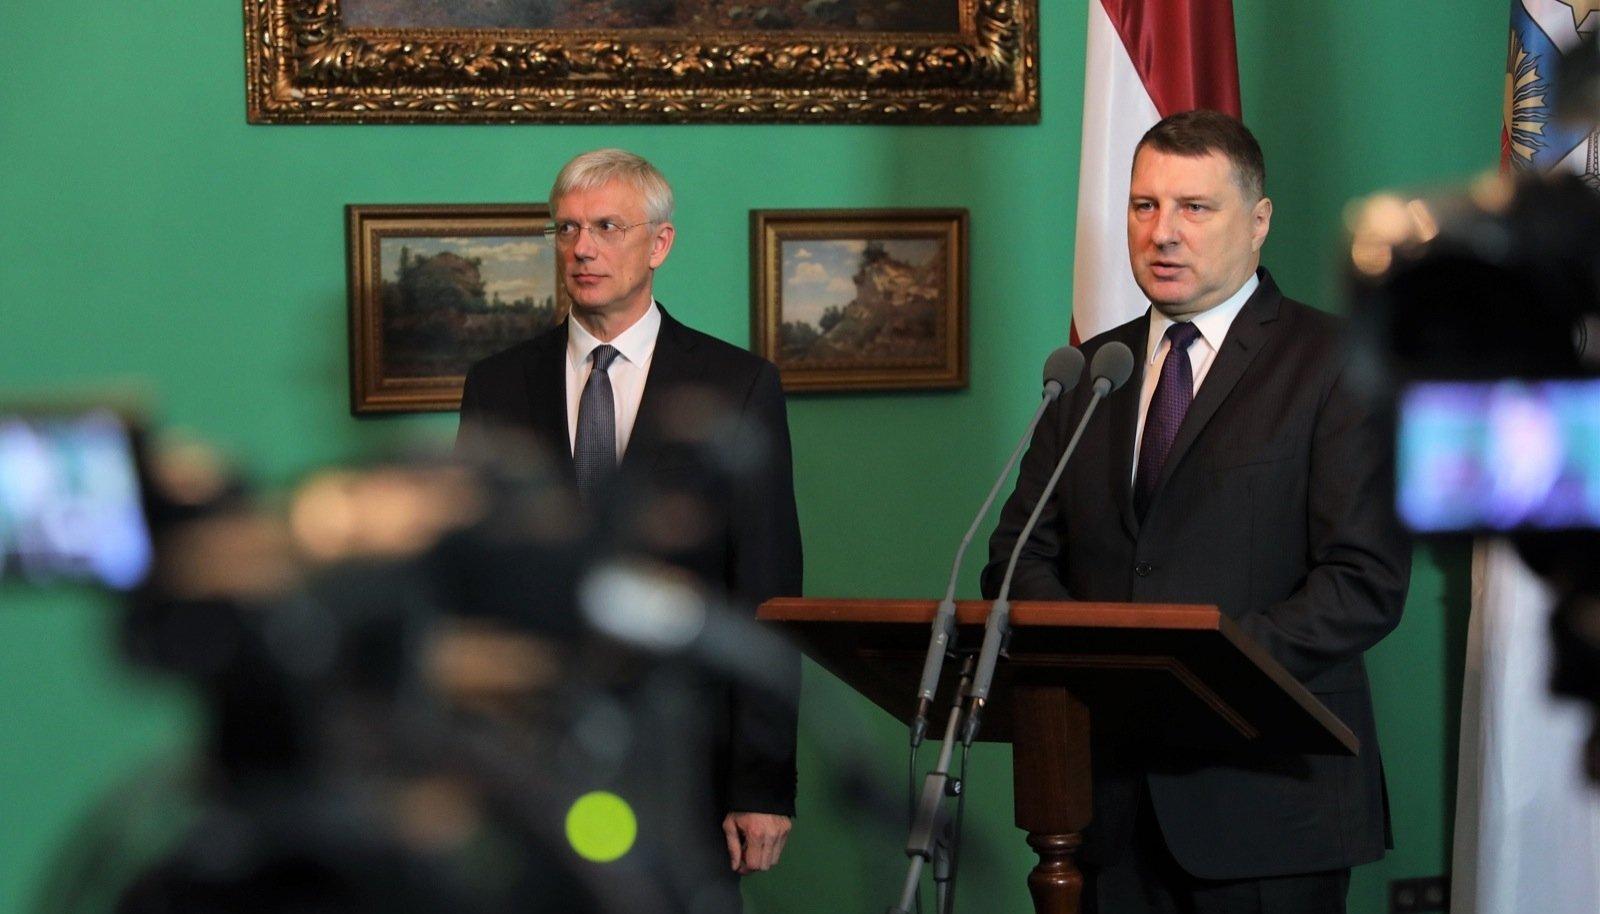 Läti president Raimonds Vējonis (paremal) ja uus peaministrikandidaat Krišjānis Kariņš eile Riias presidendilossis pressikonverentsil